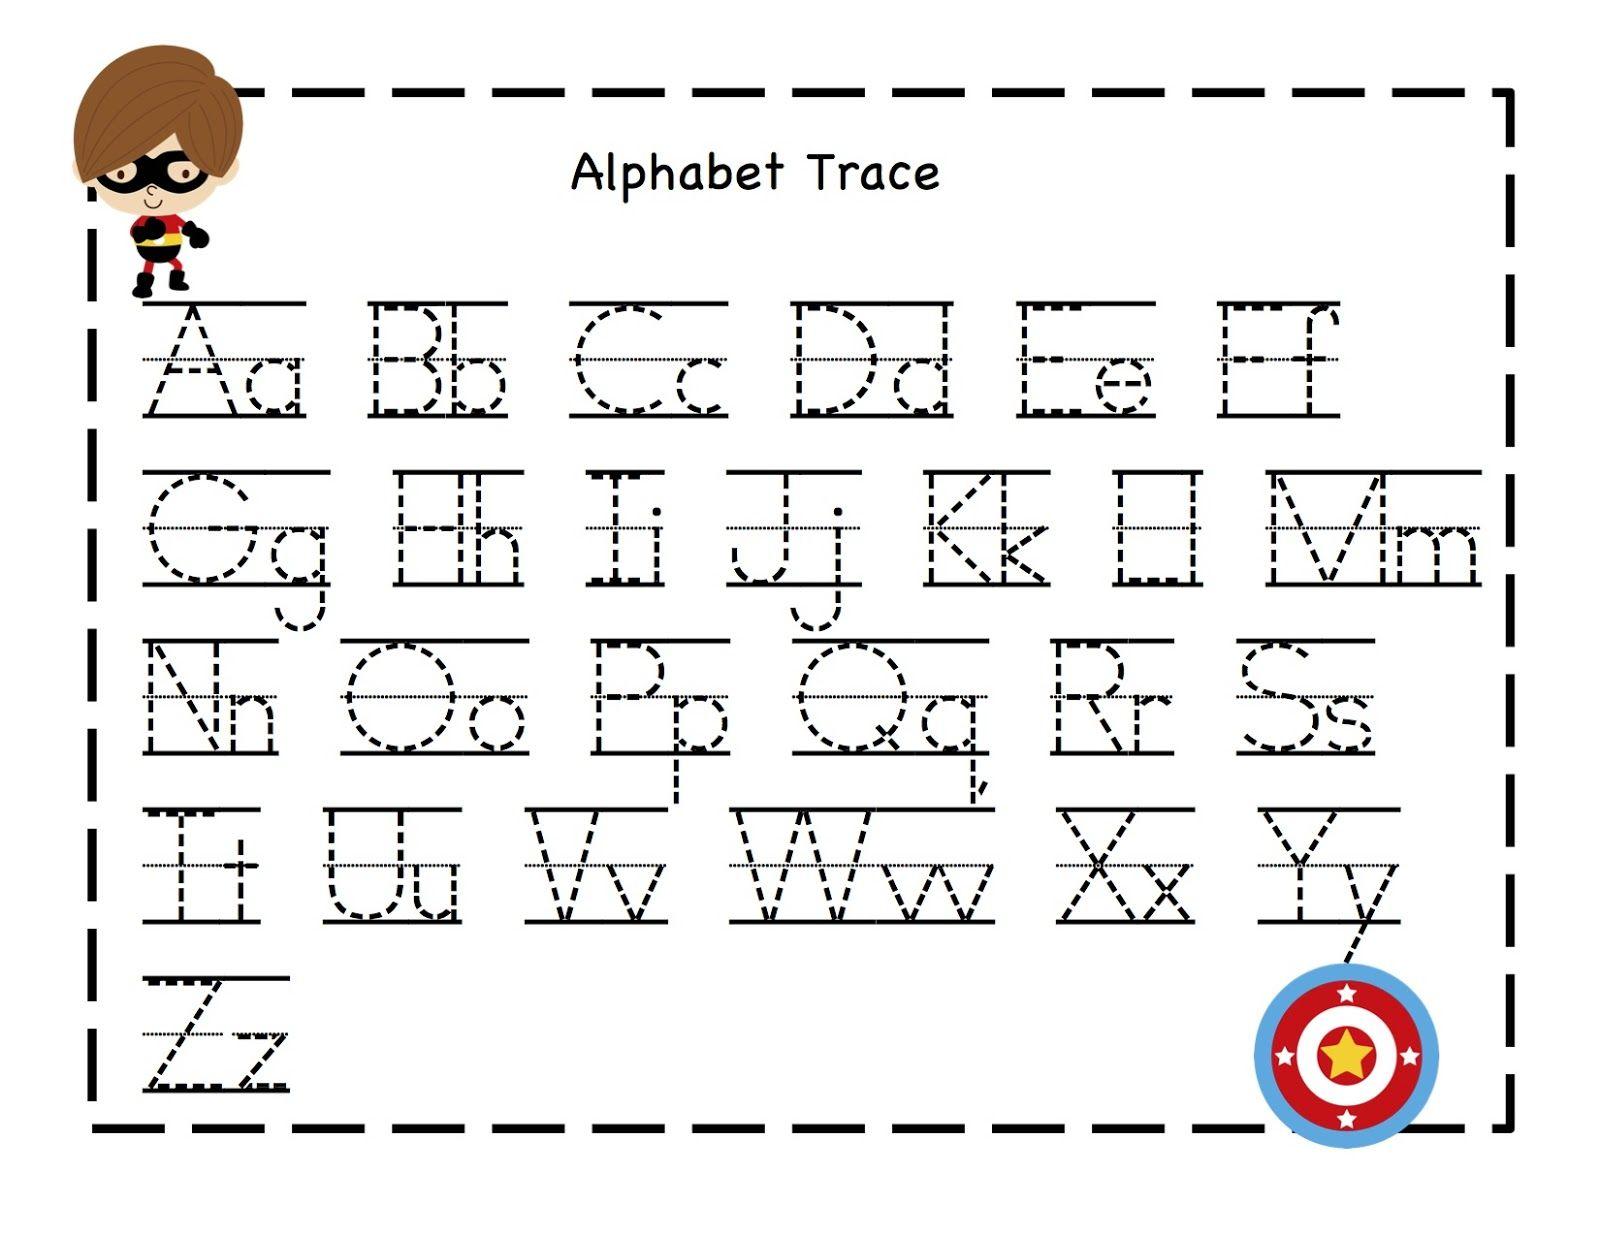 ABC Tracing Sheets for Preschool Kids   Alphabet preschool [ 1236 x 1600 Pixel ]